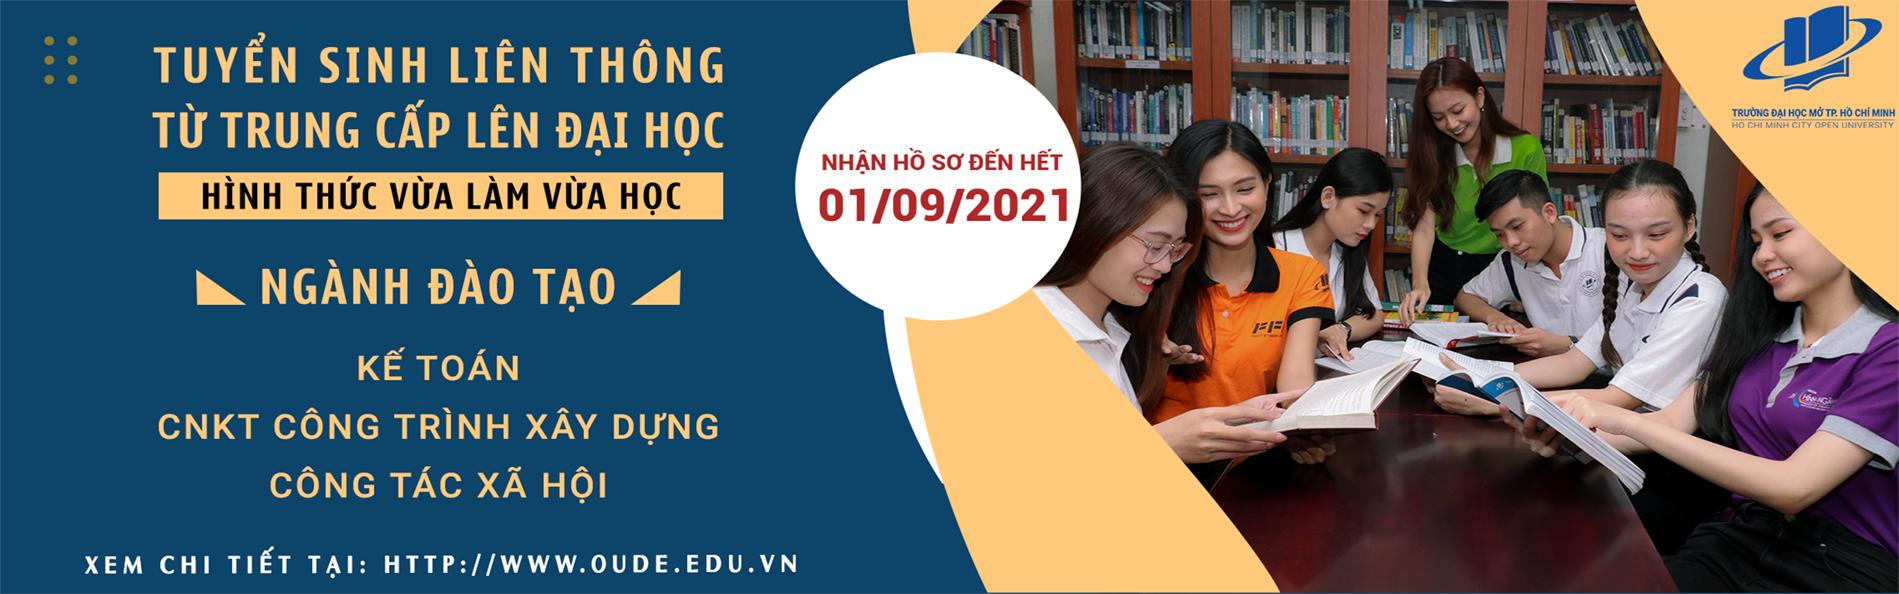 Vừa làm vừa học - liên thông từ Trung cấp lên Đại học - 2021-03